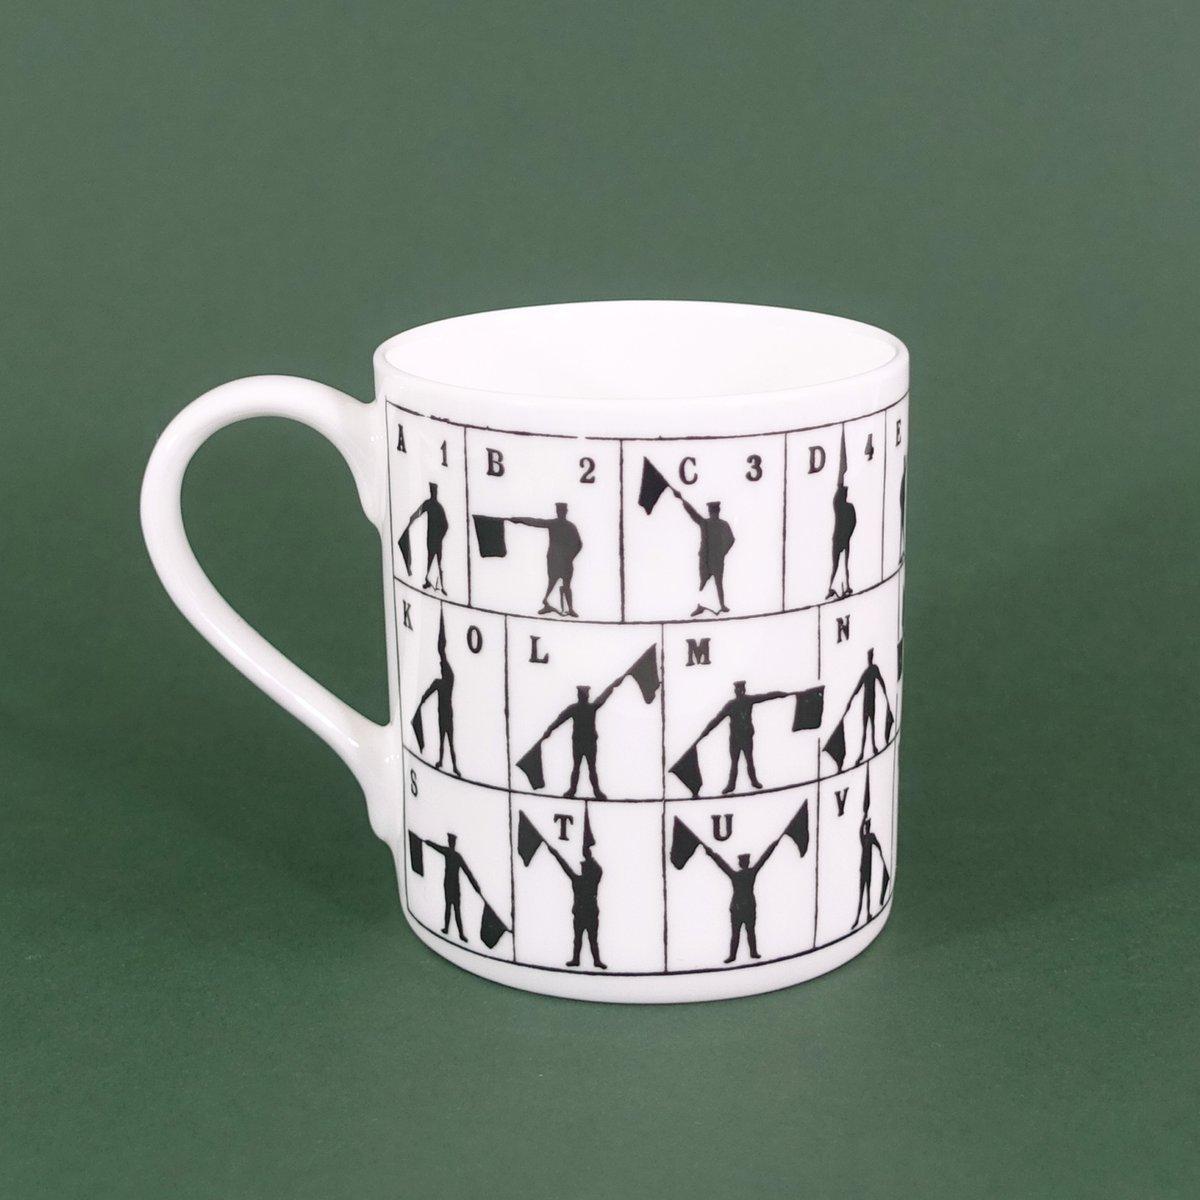 Image of Semaphore Mug